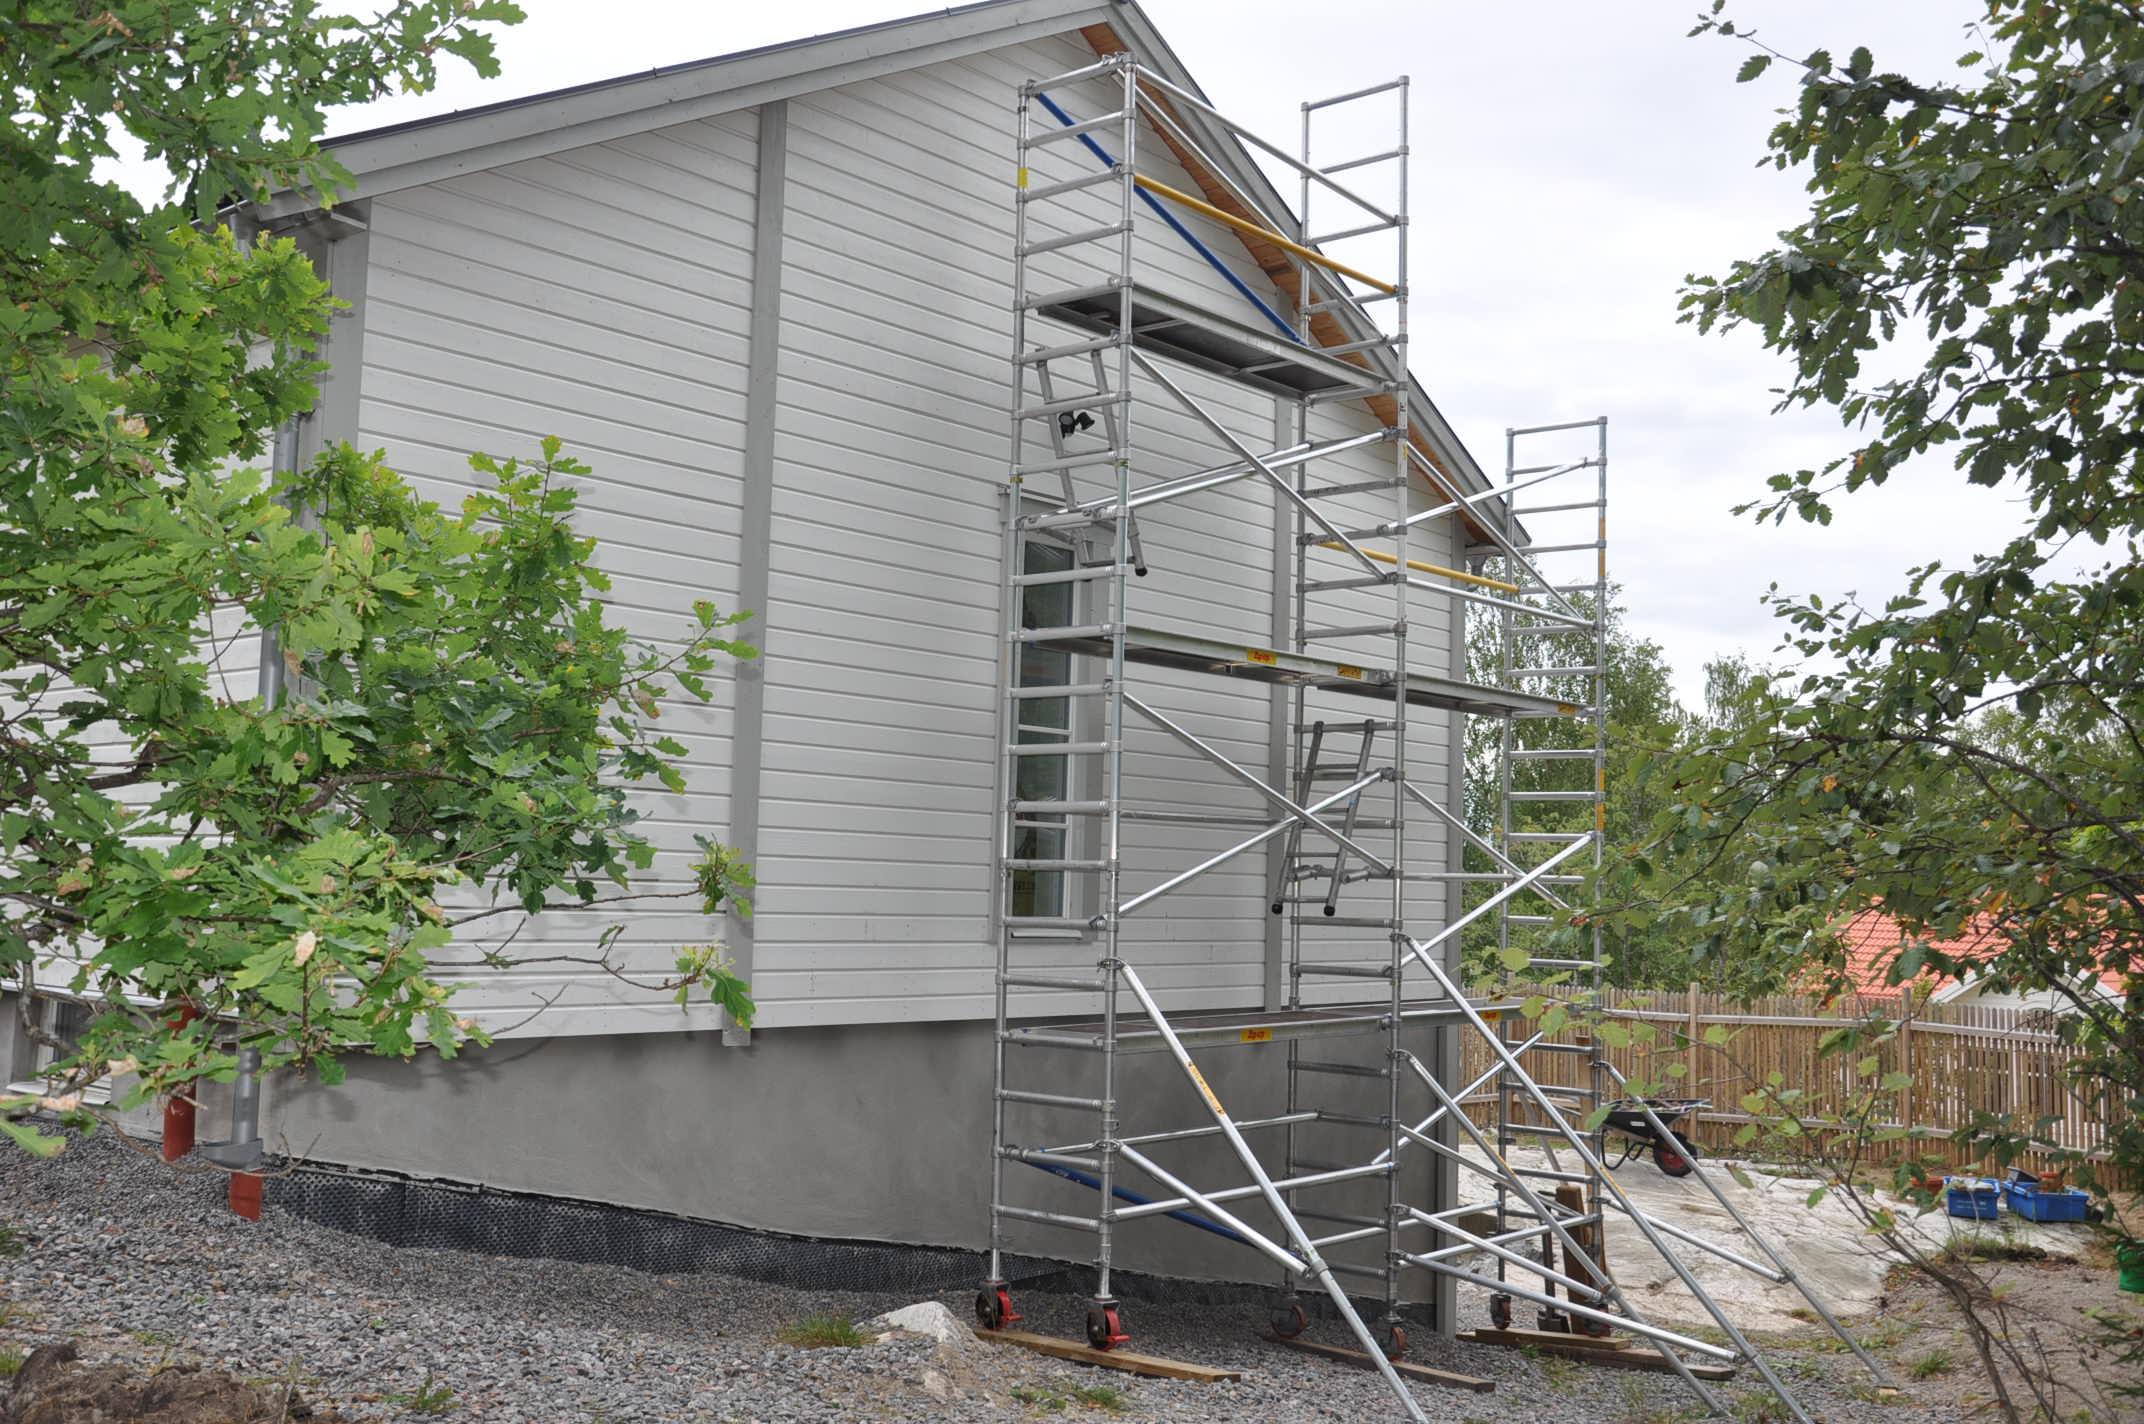 Ställning Hyr byggställning (2)